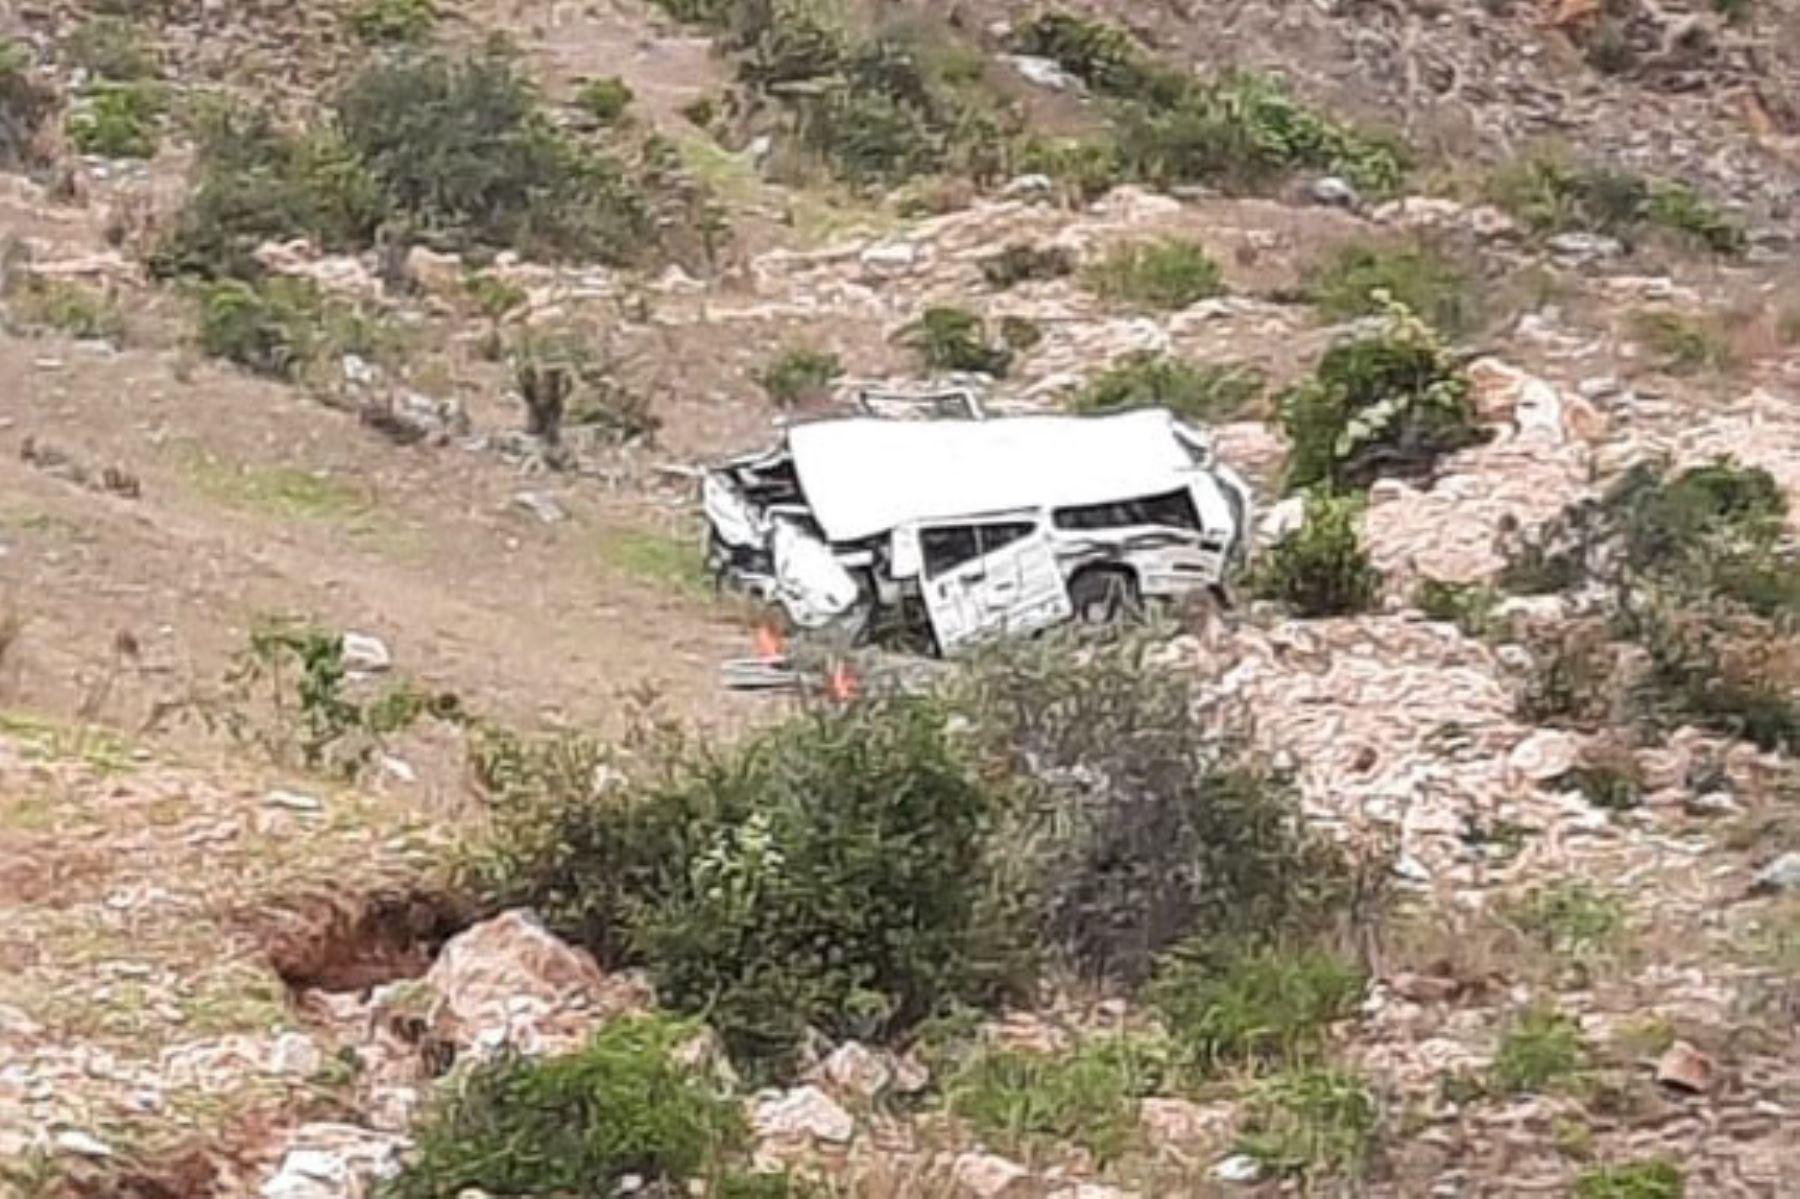 El accidente de tránsito ocurrió a la altura de la zona conocida como Rurish, en la ruta San Martín-San Nicolás. Foto: ANDINA/difusión.